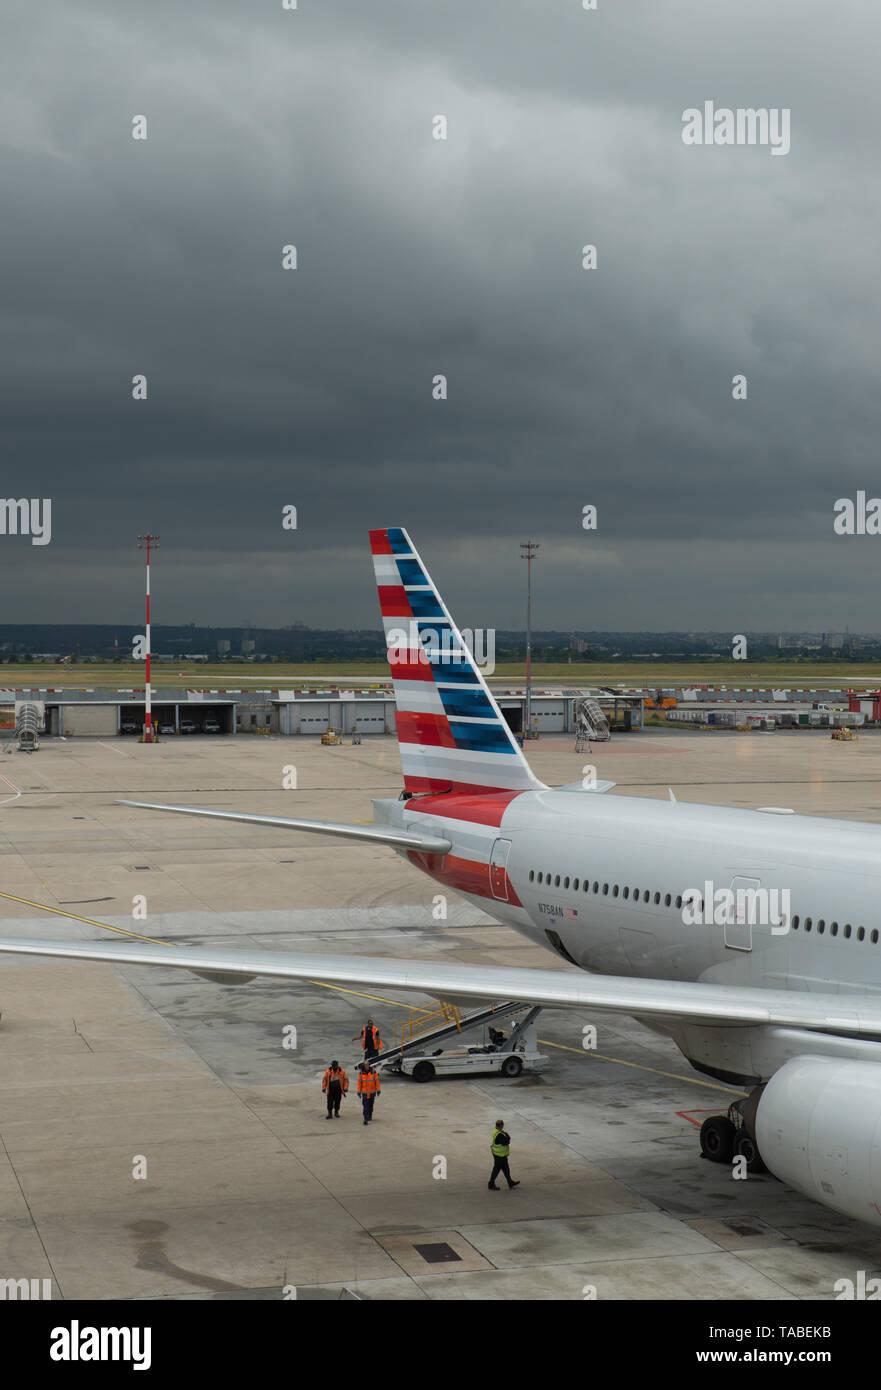 American Airlines-Flugzeug, Charles de Gaulle-Flughafen, Paris, Frankreich instand gehalten wird. / American Airlines plane being serviced in Paris. Stock Photo